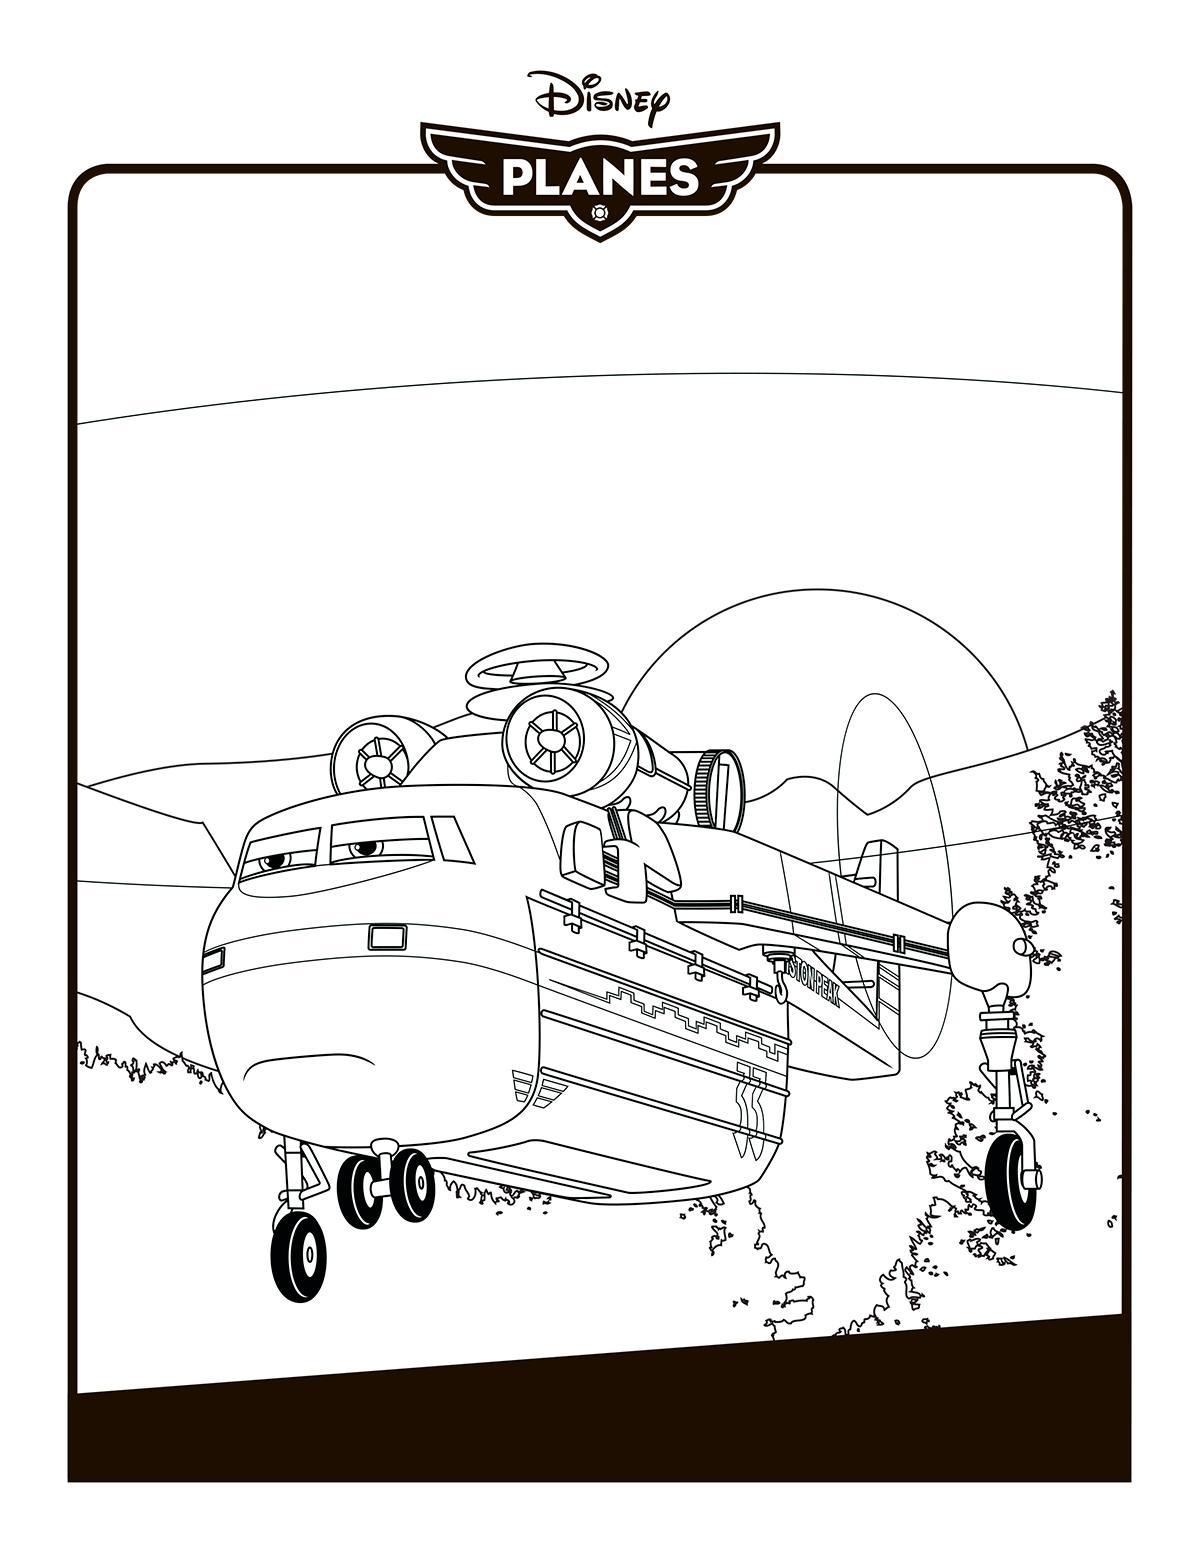 самолеты дисней вертолет для перевозки грузов распечатать